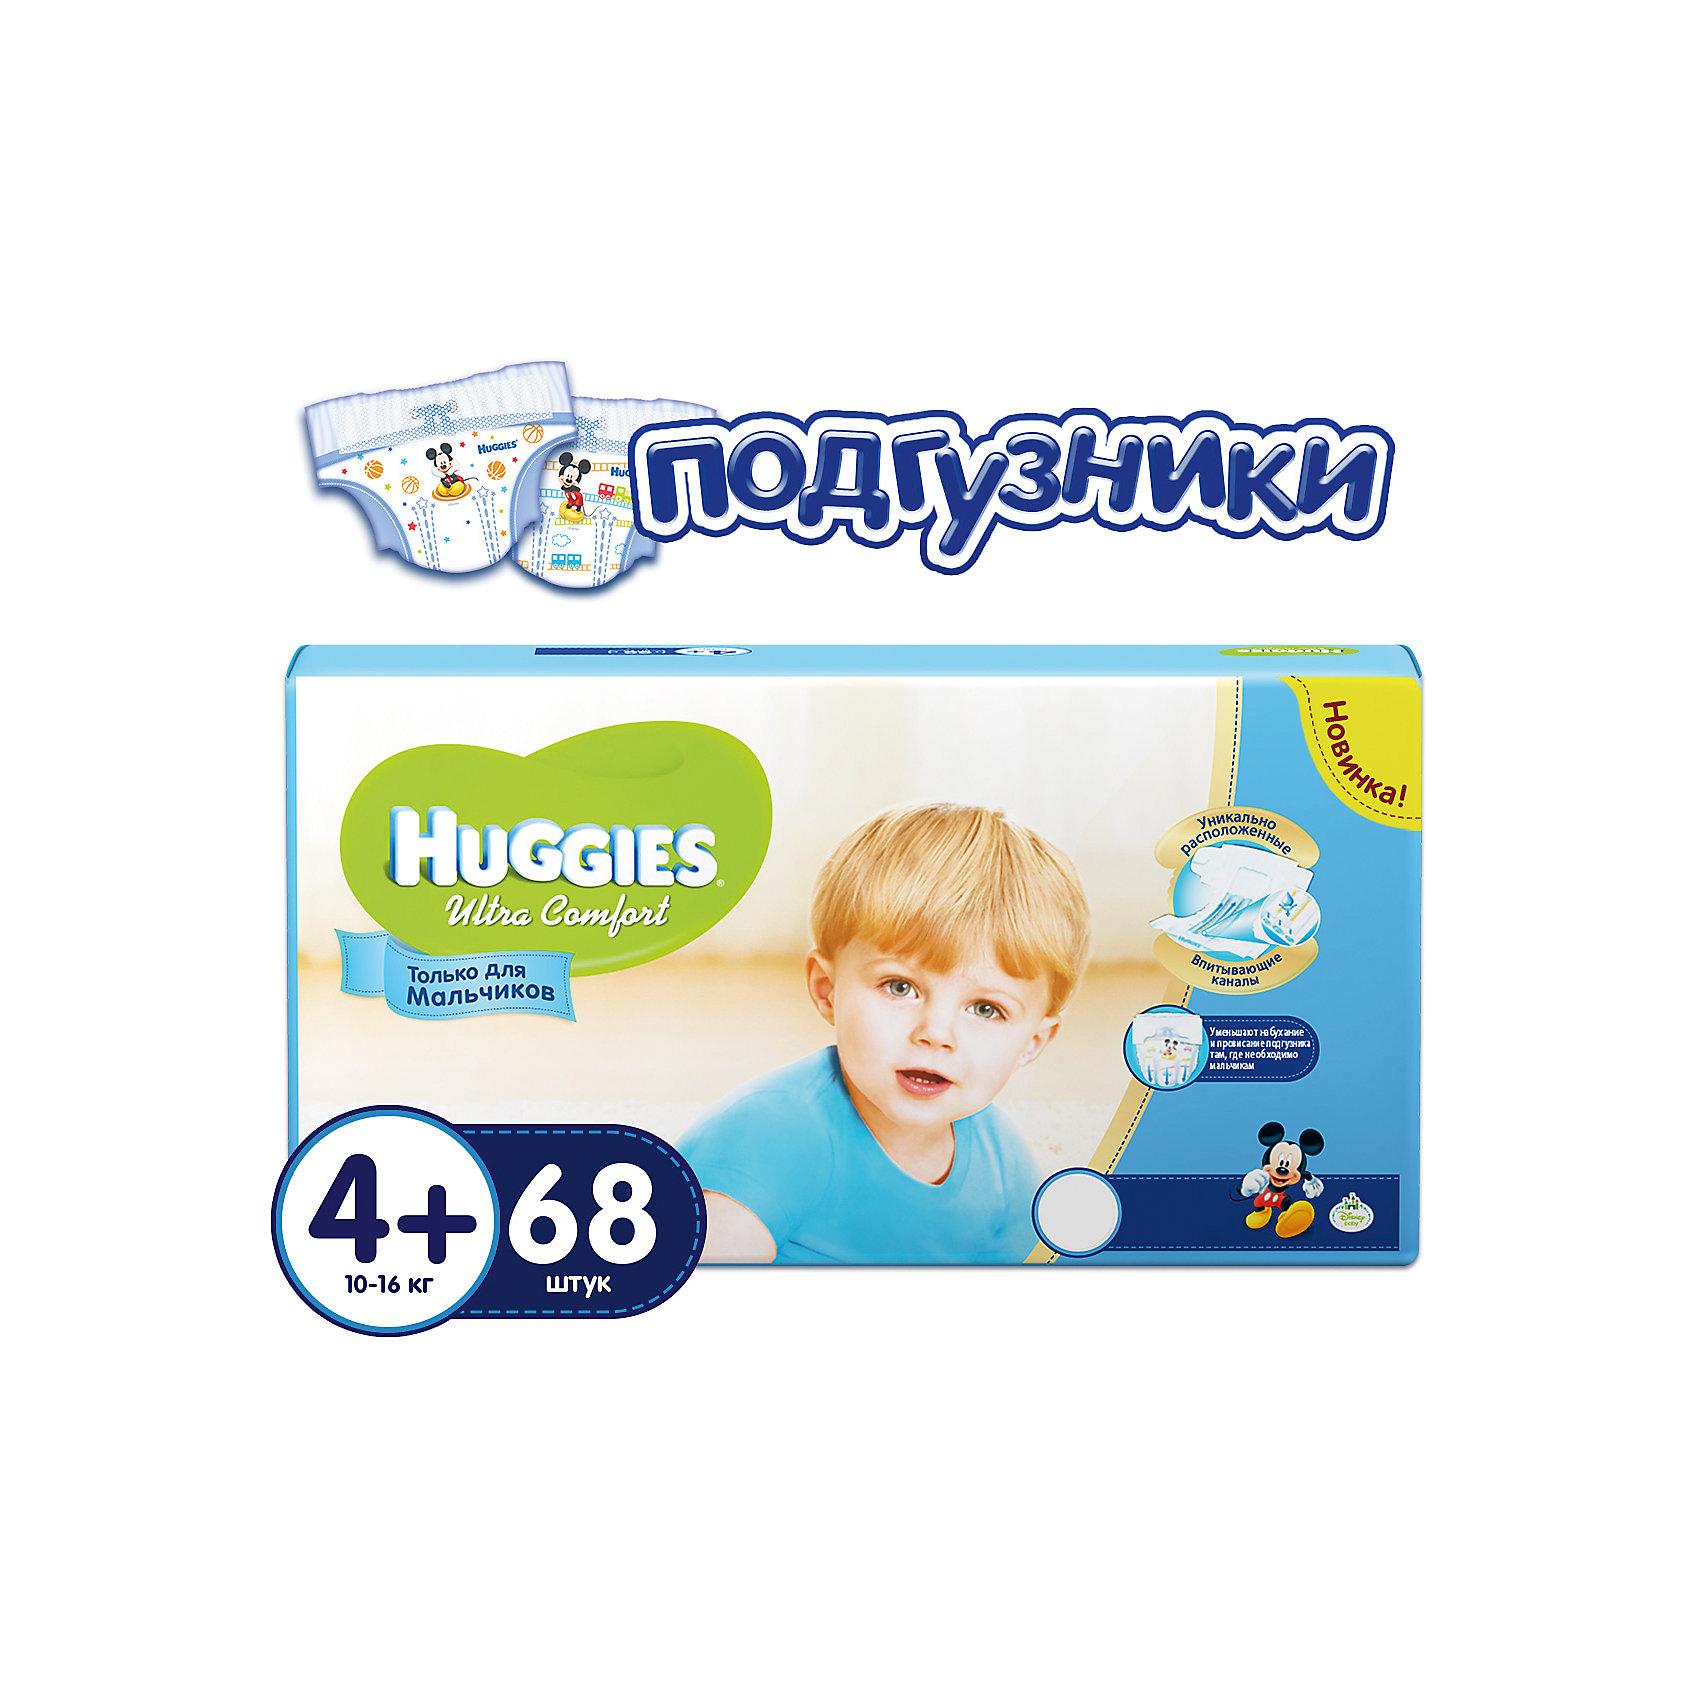 HUGGIES Подгузники Huggies Ultra Comfort для мальчиков Giga Pack (4+) 10-16 кг, 68 шт. huggies подгузники huggies ultra comfort для девочек giga pack 4 8 14 кг 80 шт